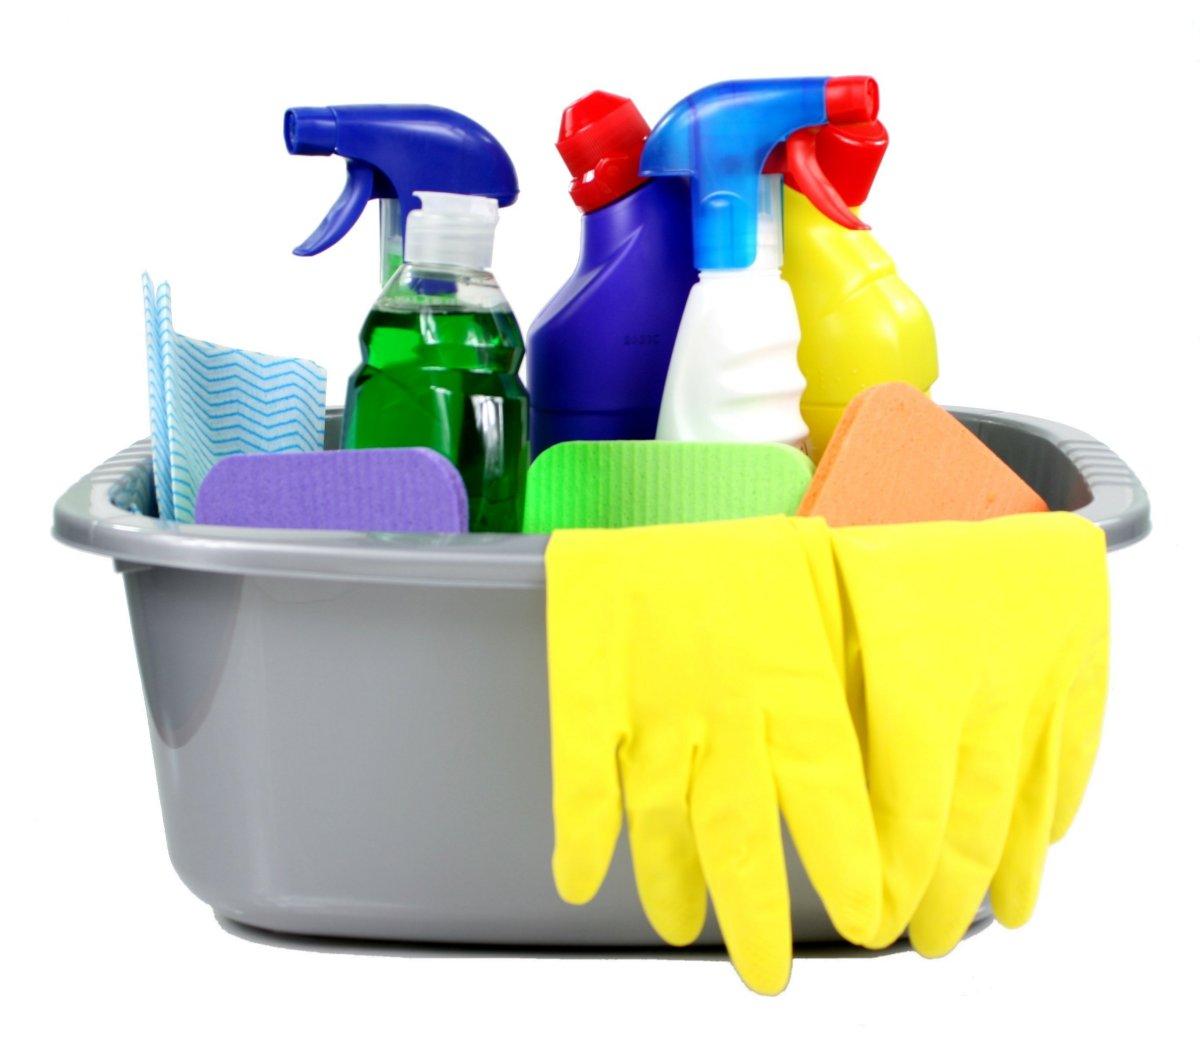 Kwaliteitsmeting schoonmaak